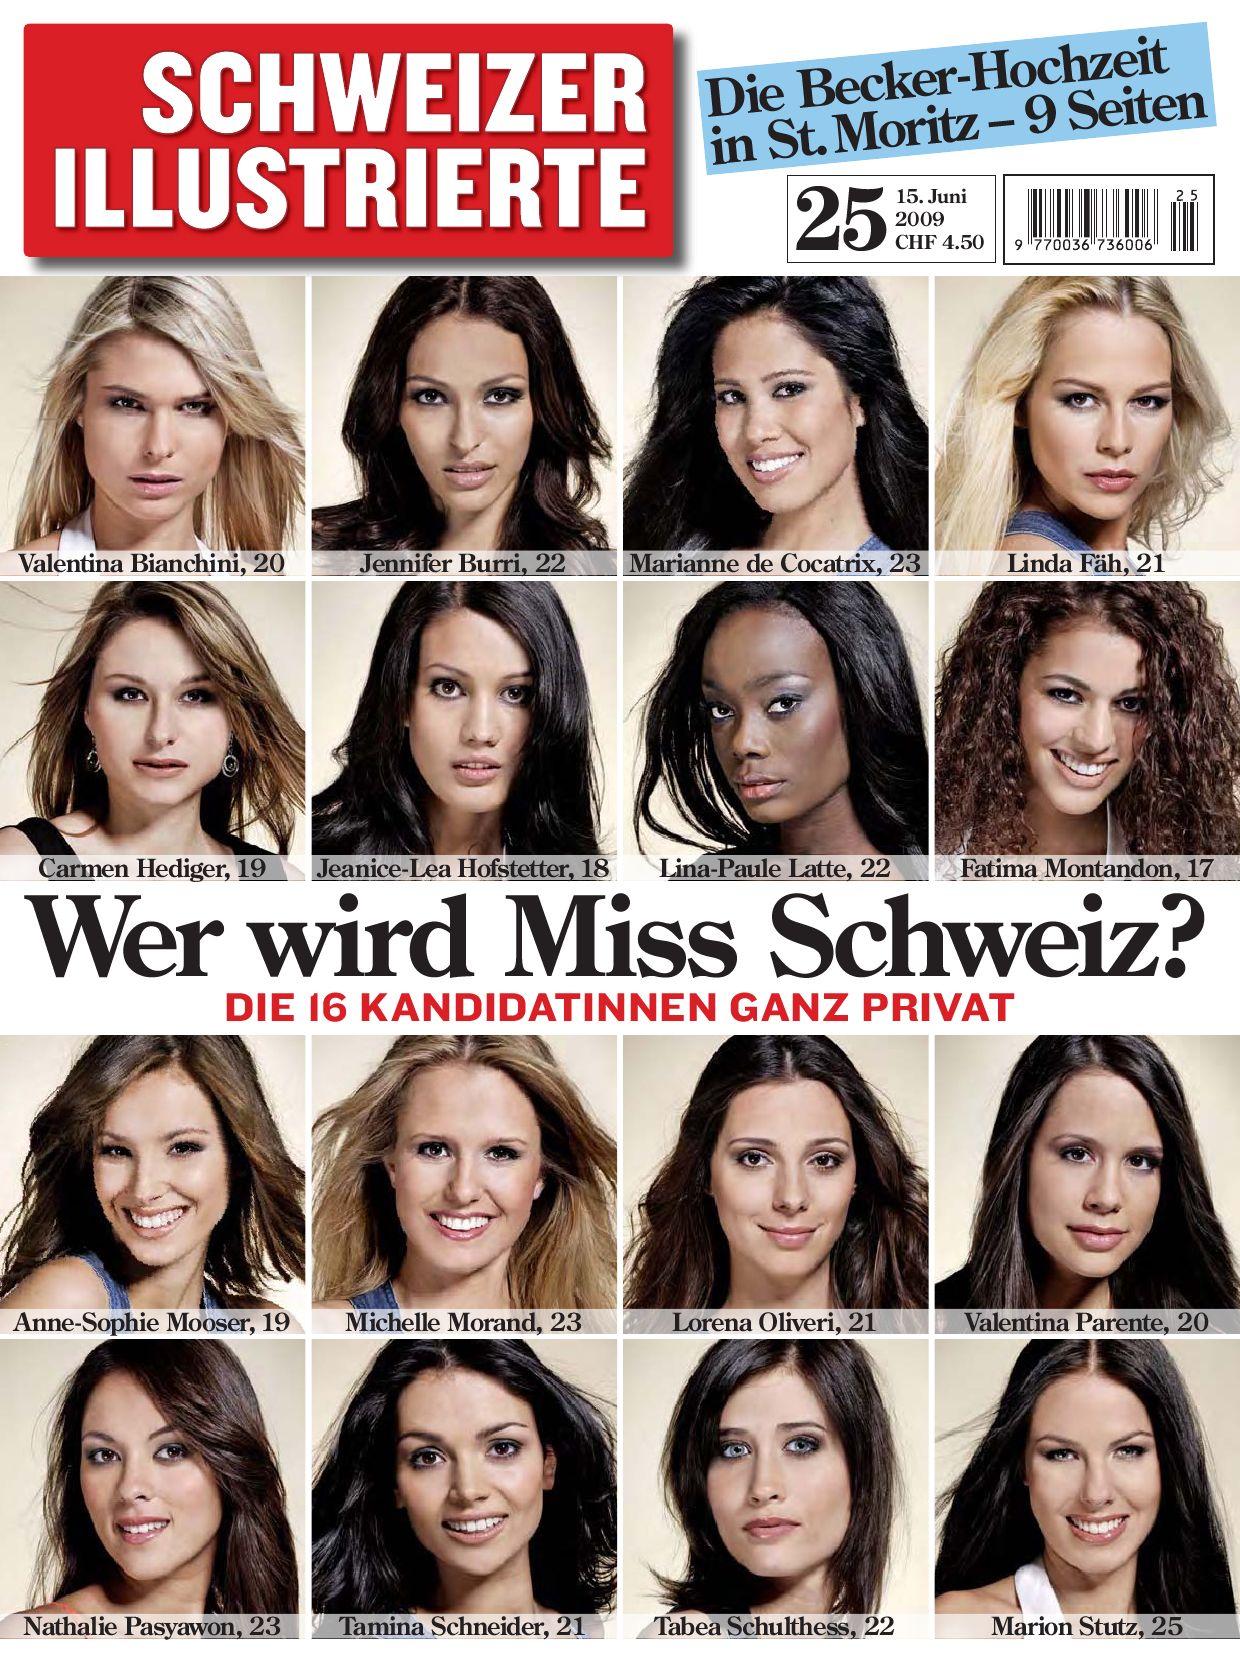 SI_2009_25 by Schweizer Illustrierte - issuu